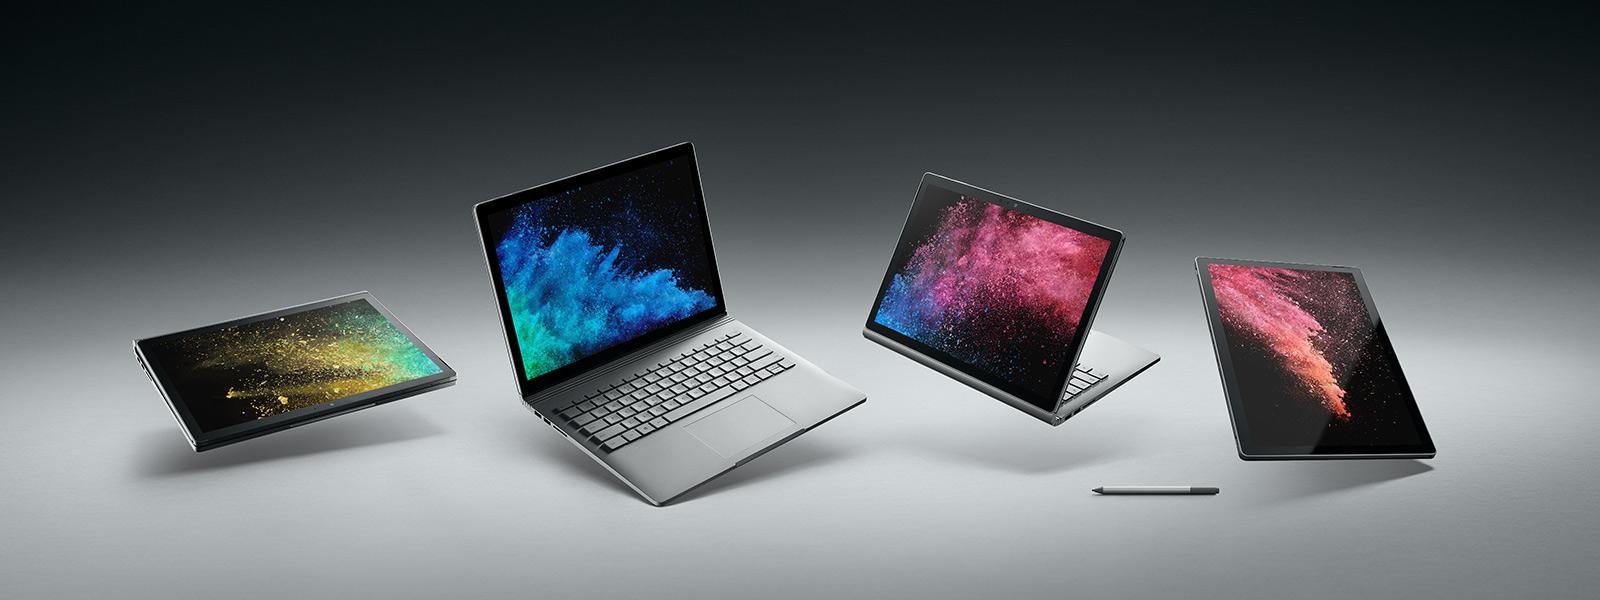 Présentation de Surface Book 2 en différents modes et Stylet Surface.